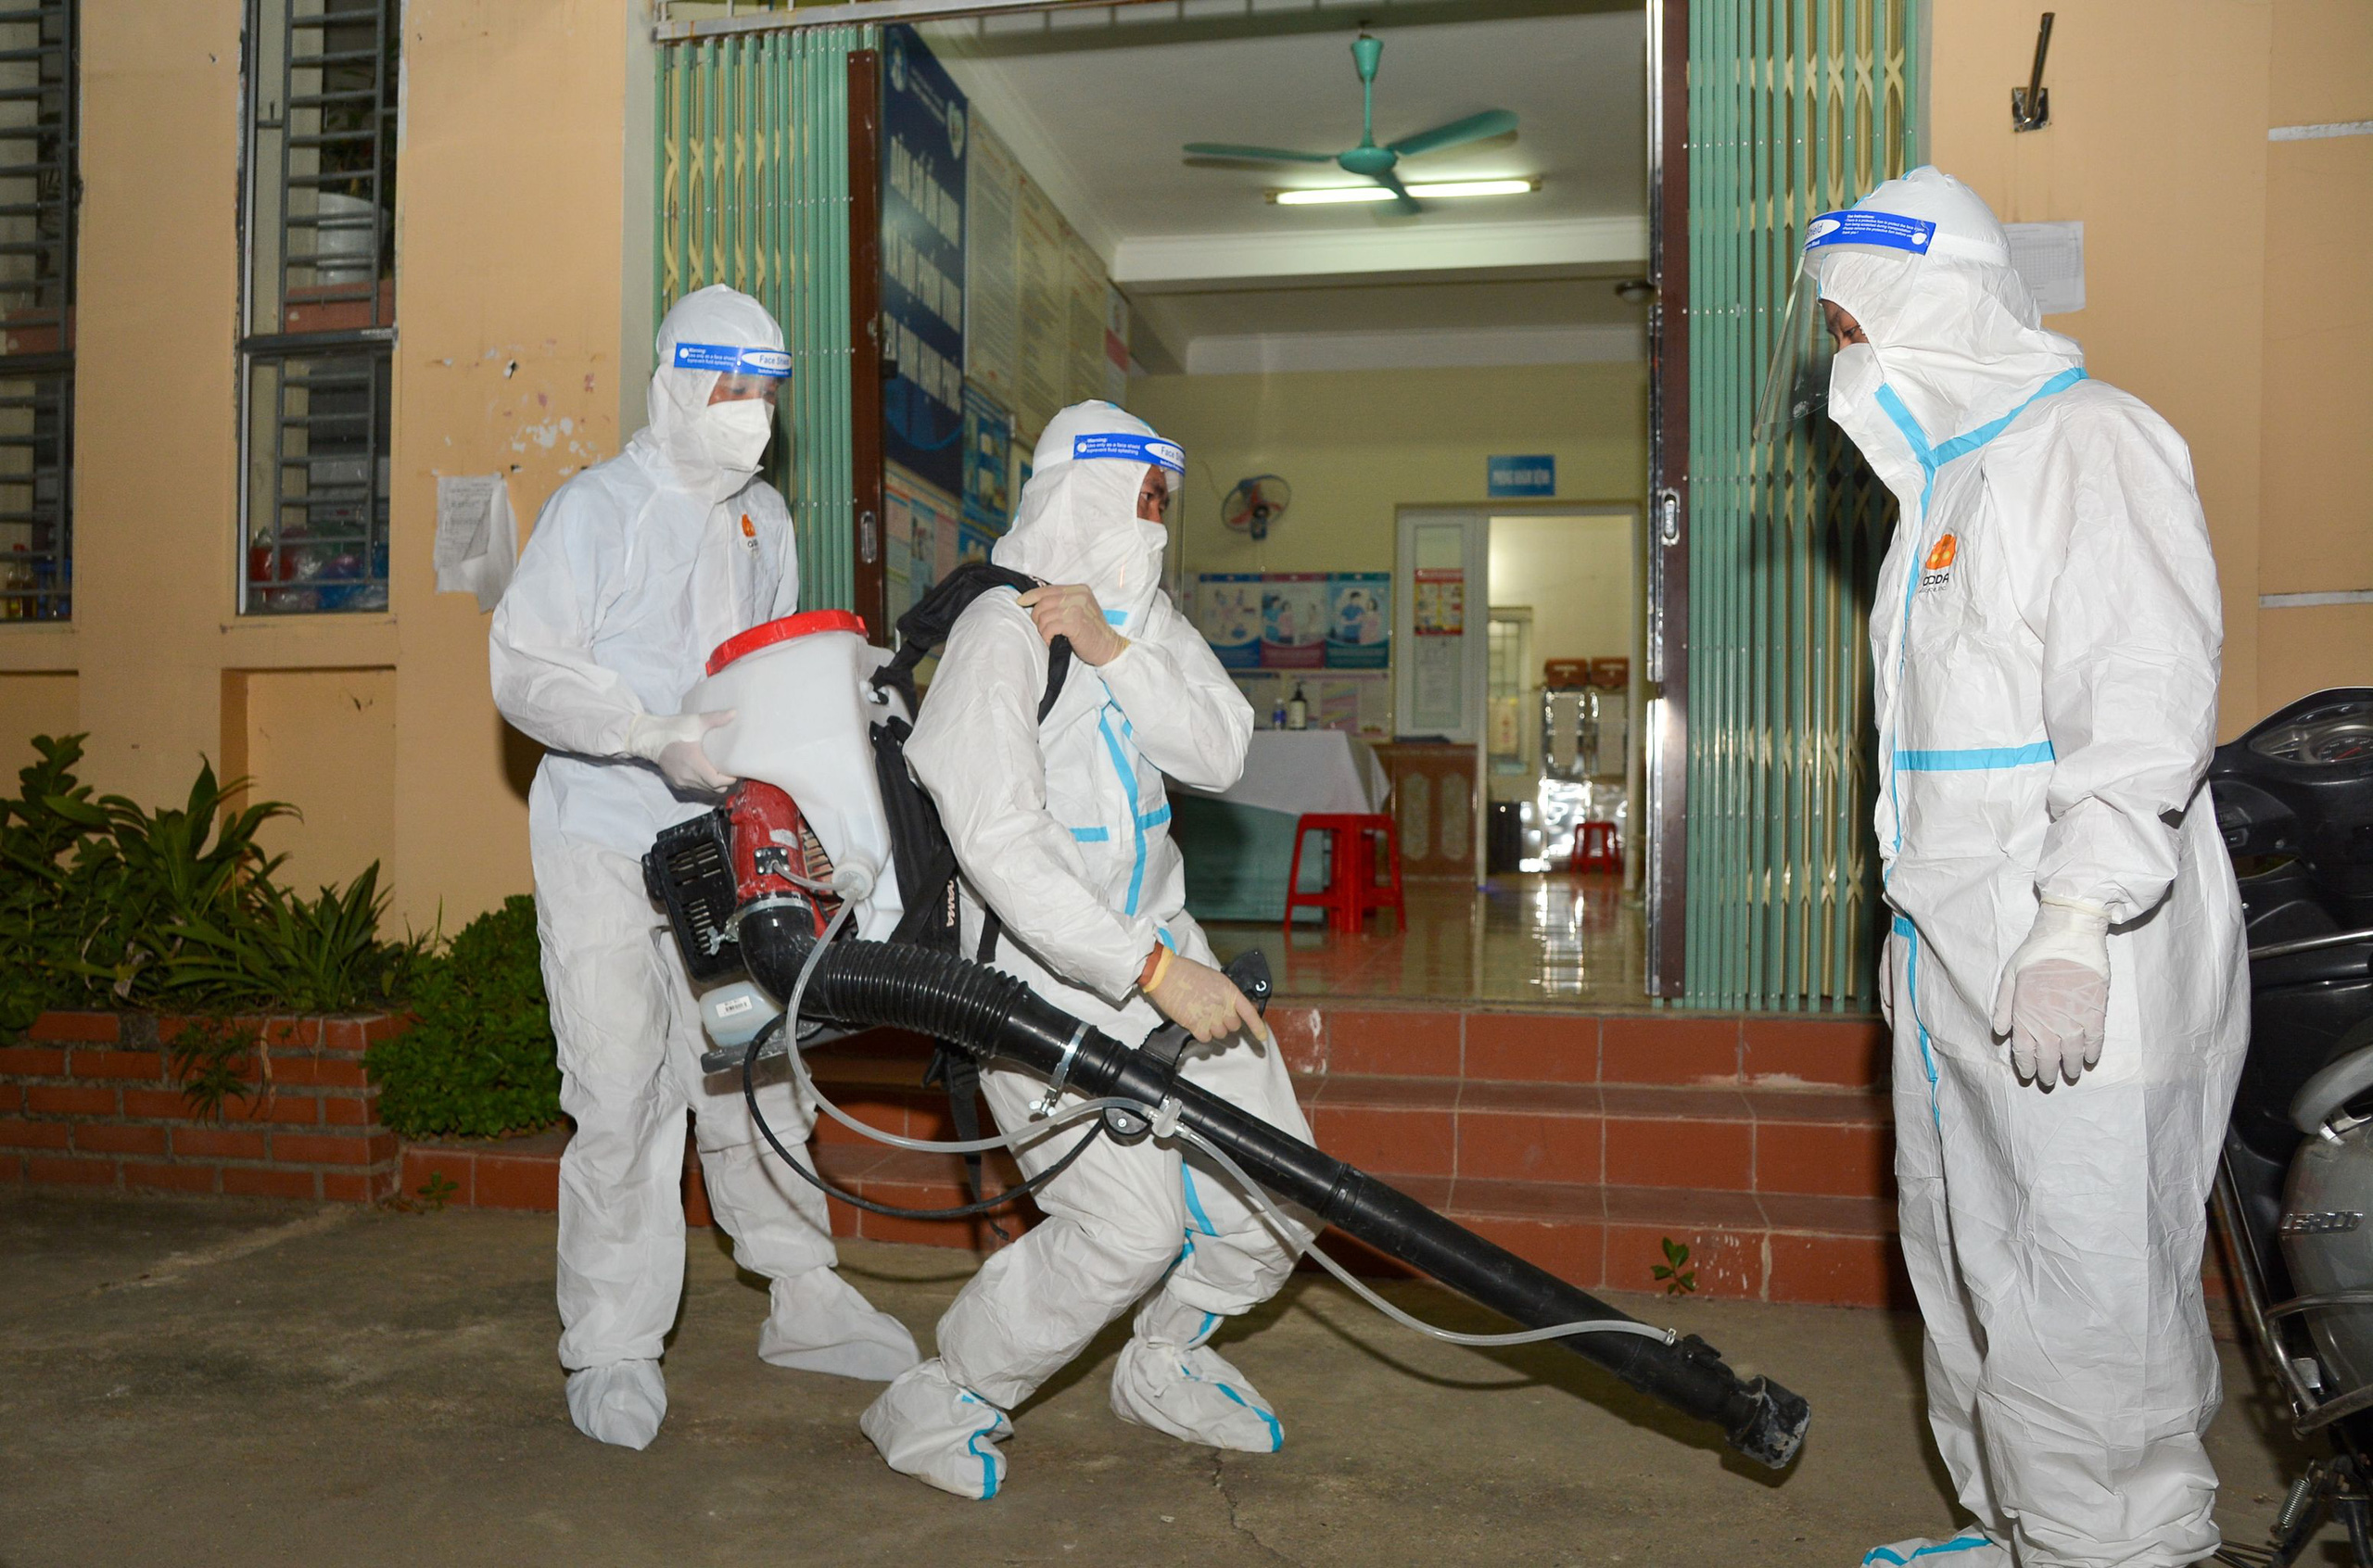 Điện Biên: Trắng đêm phun khử khuẩn phòng dịch Covid-19 - Ảnh 2.